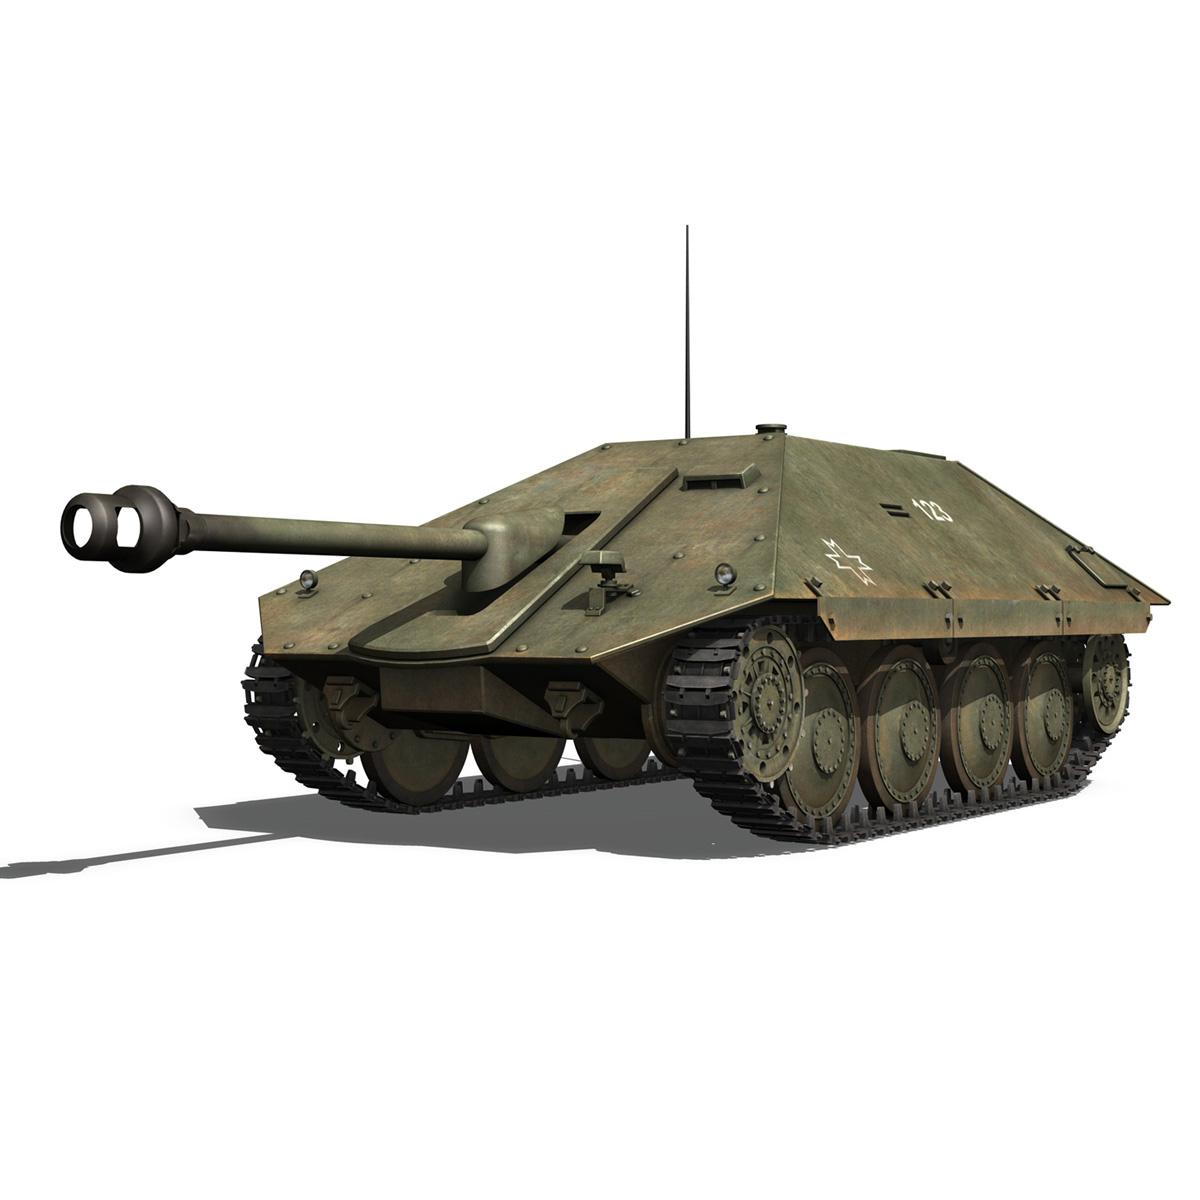 maresal m05 – romanian tank destroyer 3d model 3ds fbx c4d lwo obj 278105